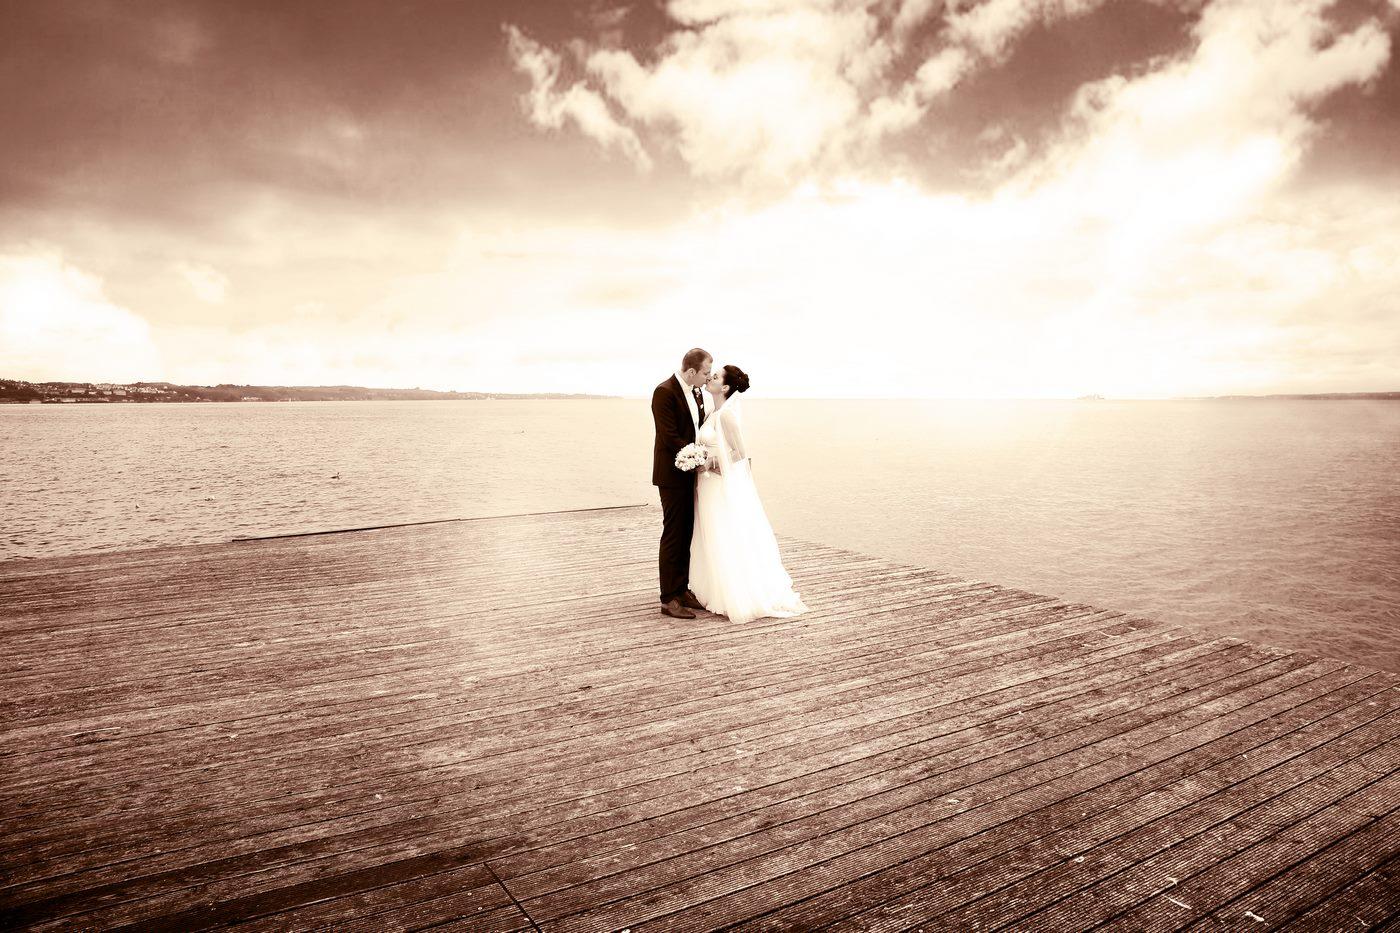 Brautpaar steht auf Floss inmitten des Bodensees in Sepia